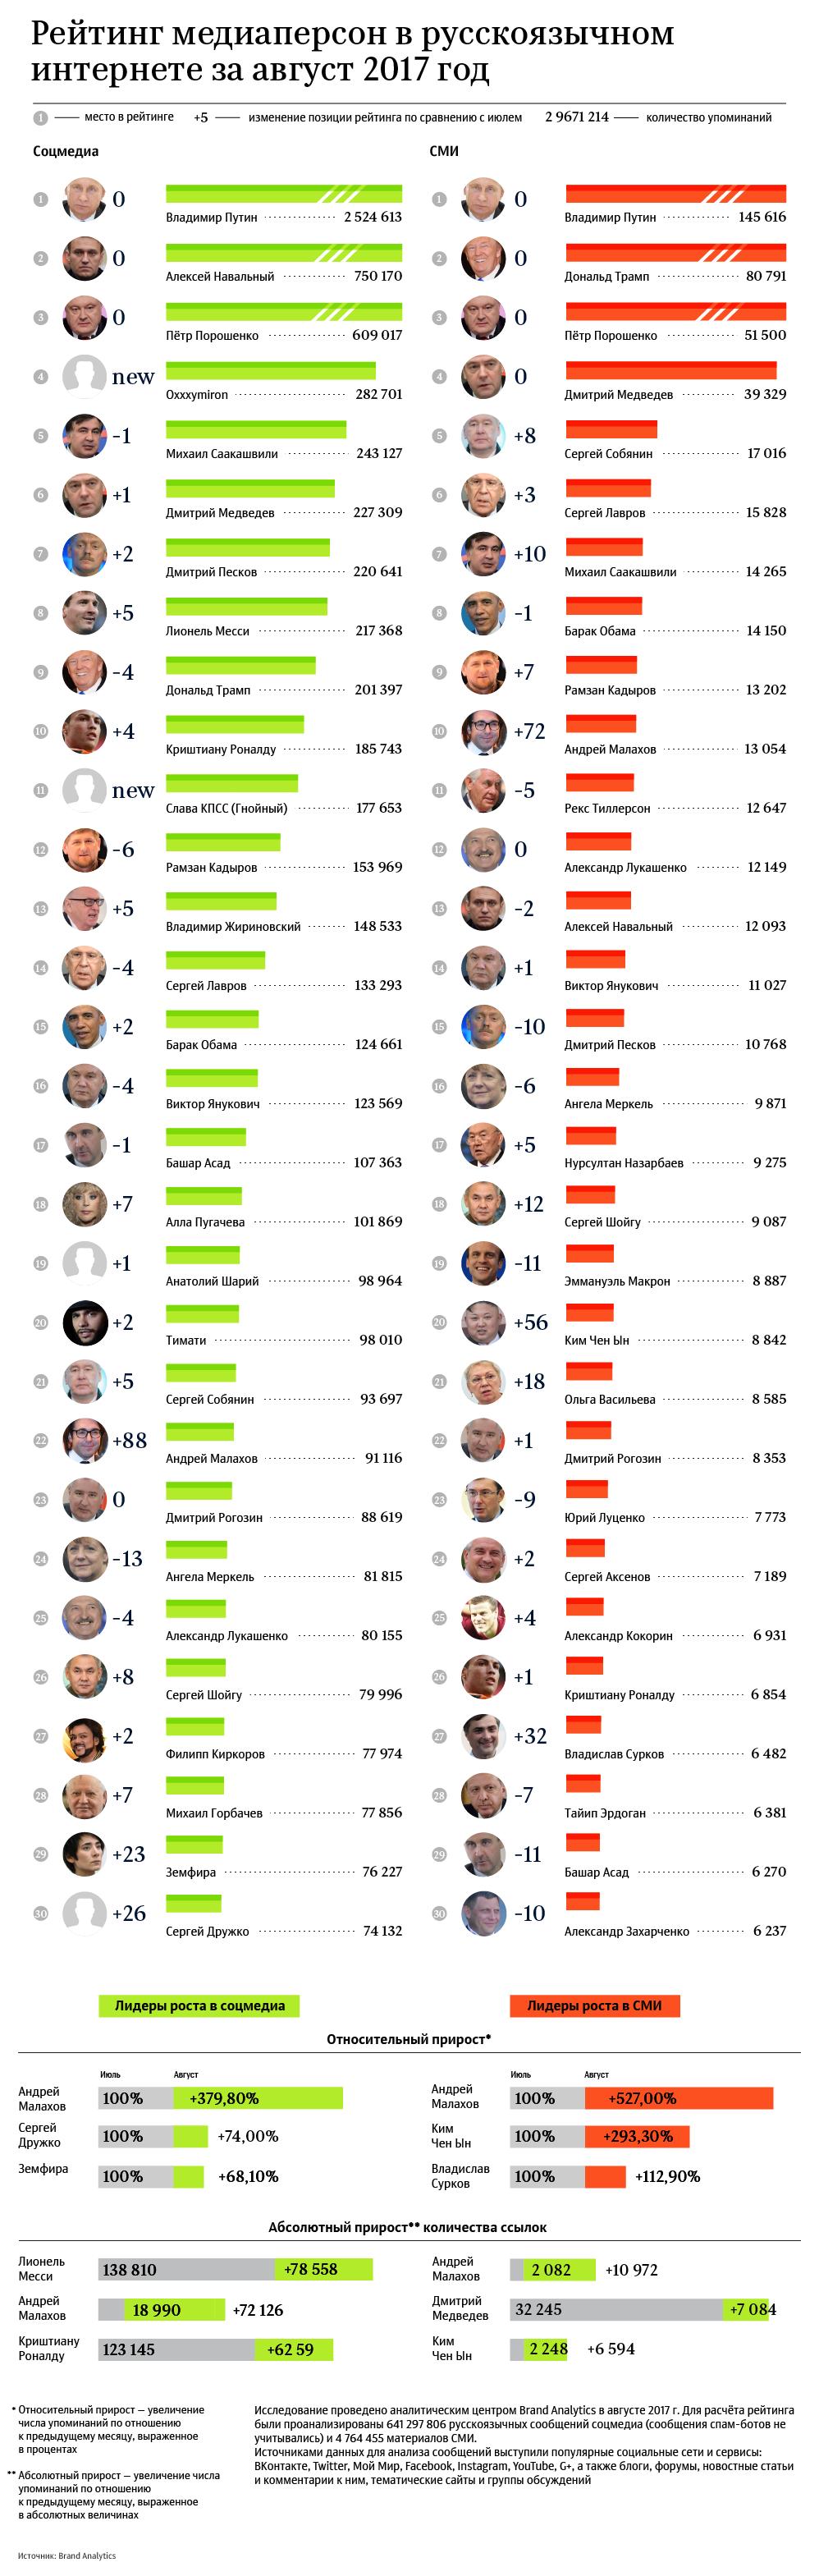 Рейтинг медиаперсон в русскоязычном интернете за август 2017 год